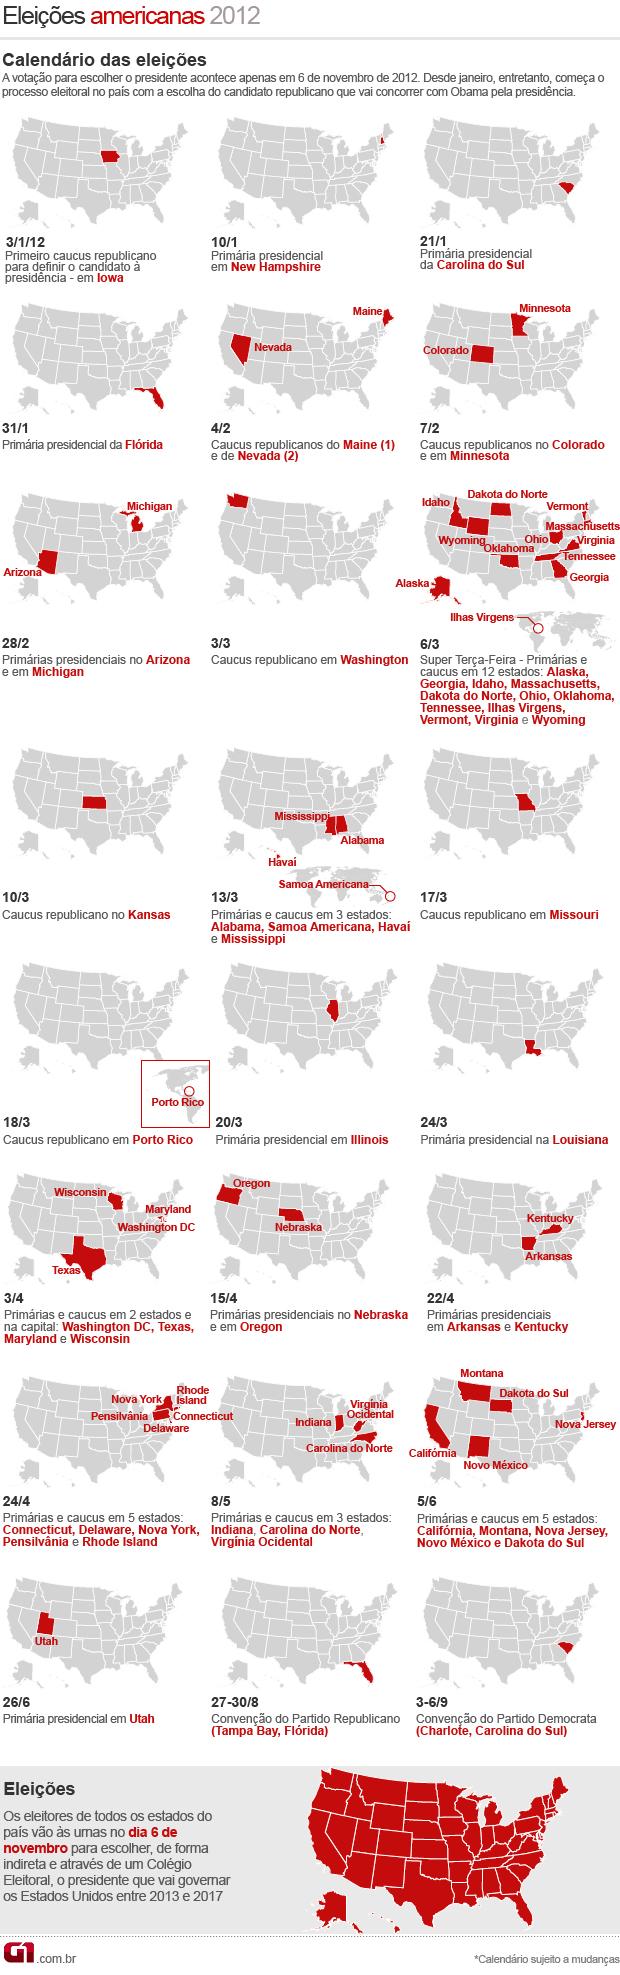 Eleições EUA 2012 - calendário primárias Republicanos (Foto: Editoria de Arte/G1)